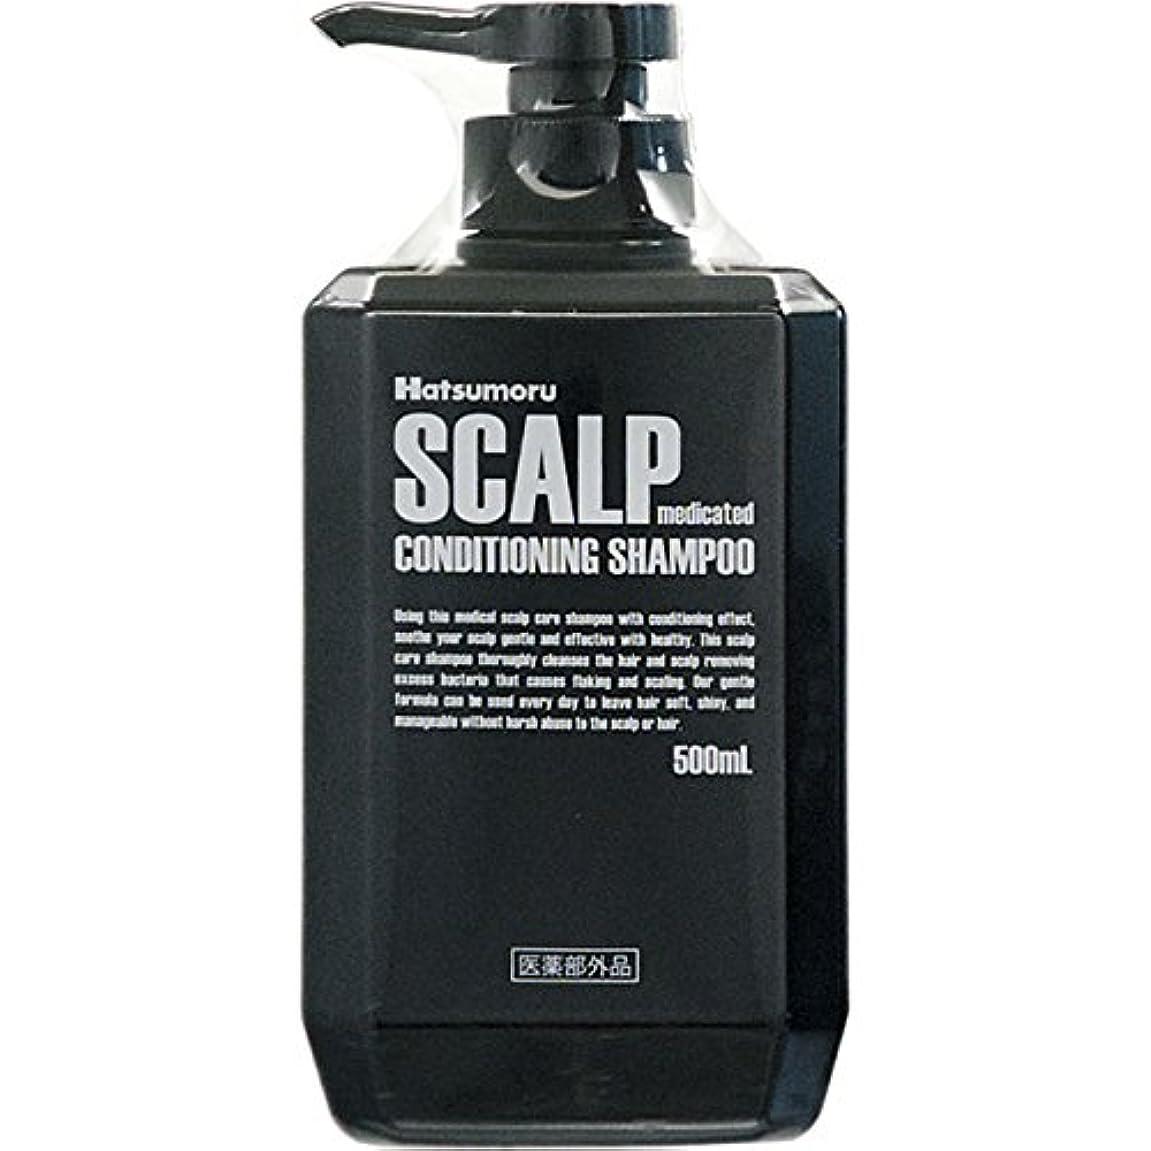 前件ありがたいギャップハツモール 薬用スカルプシャンプー500MLx5